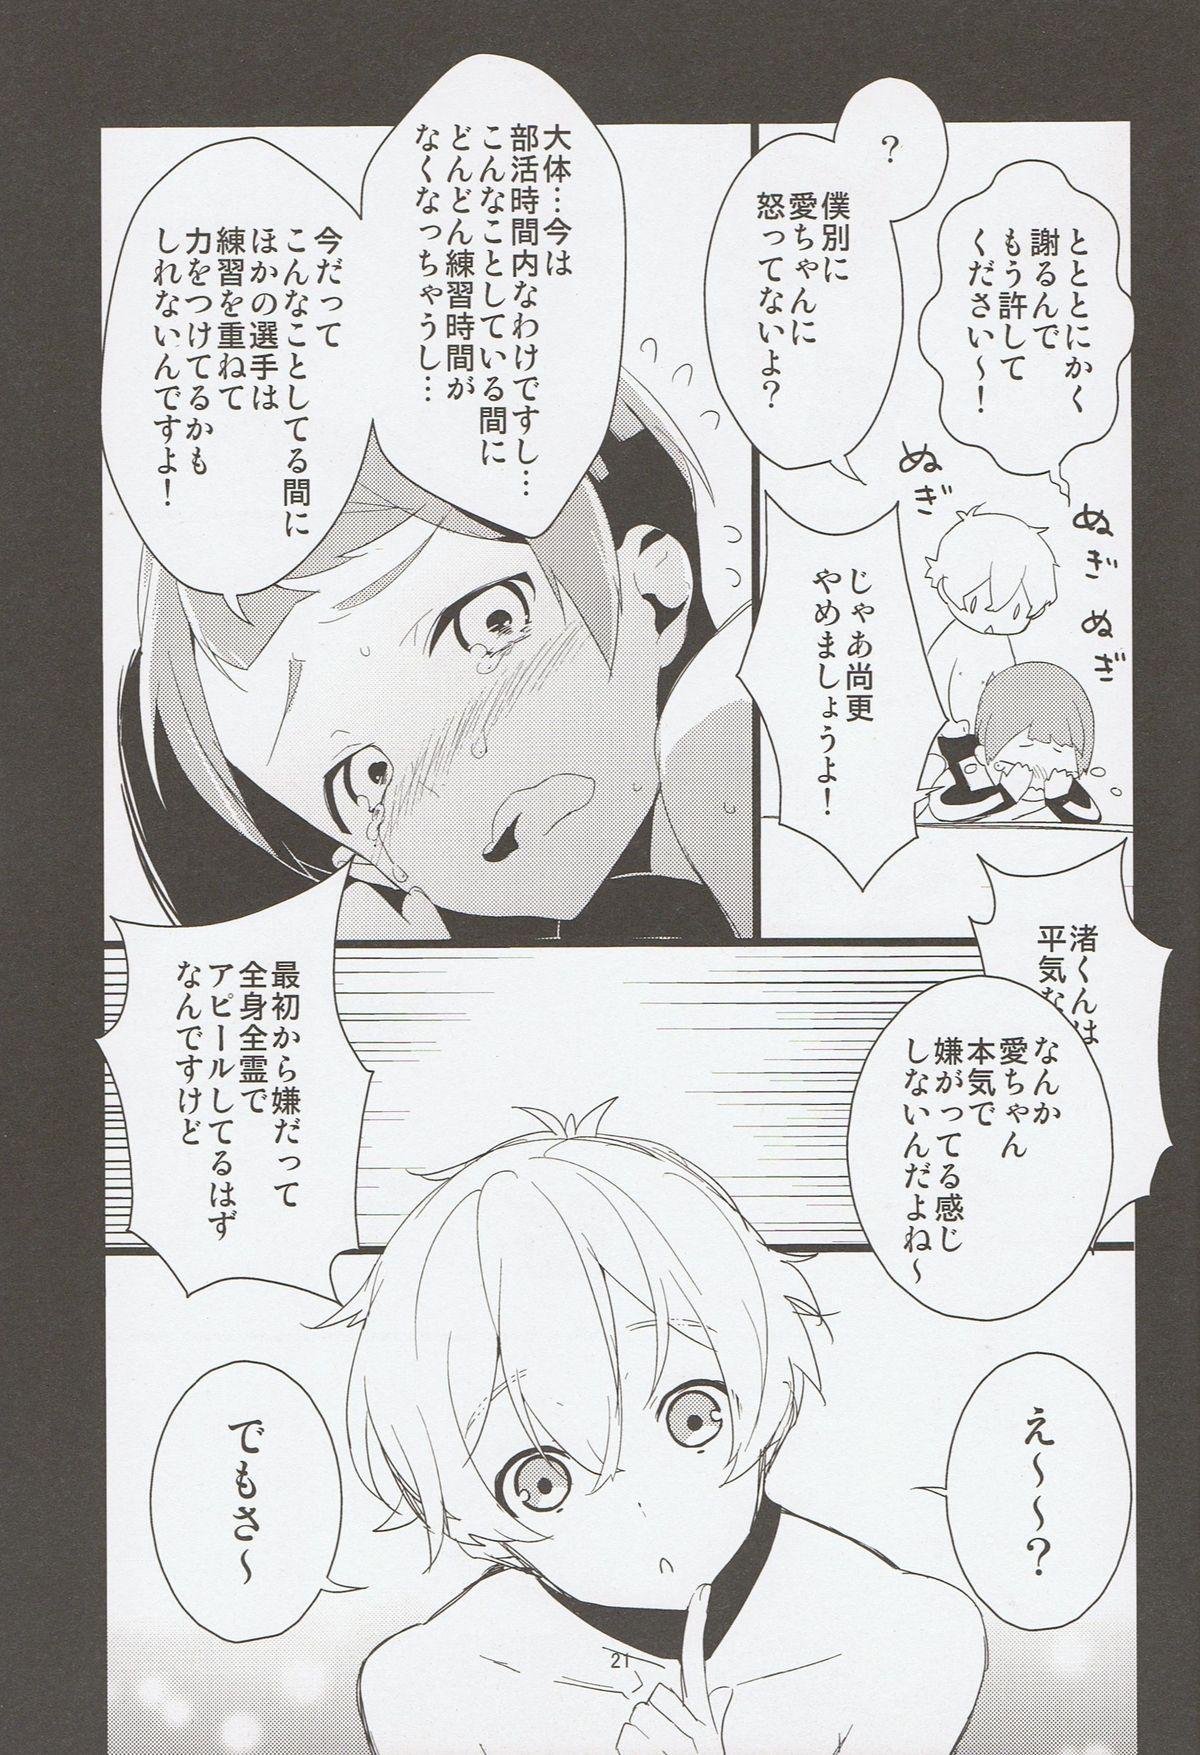 (C86) [MERYx3 (Numeri)] Nagisa-kun to Nitori-kun wo Muriyari Karamaseta Hon (Free!) 19